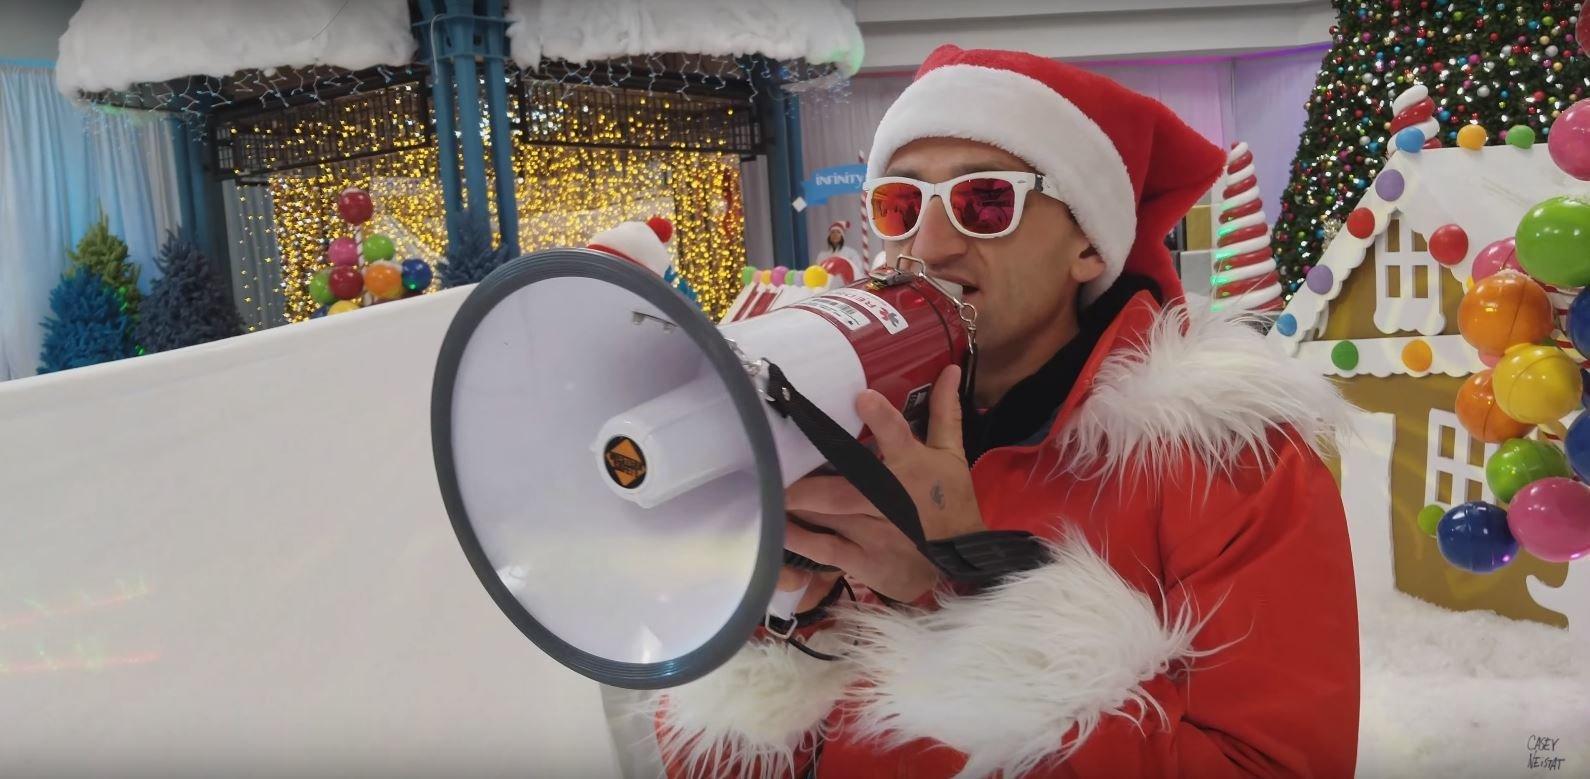 Jak robić świąteczny content z influencerami? - Casey Neistat style